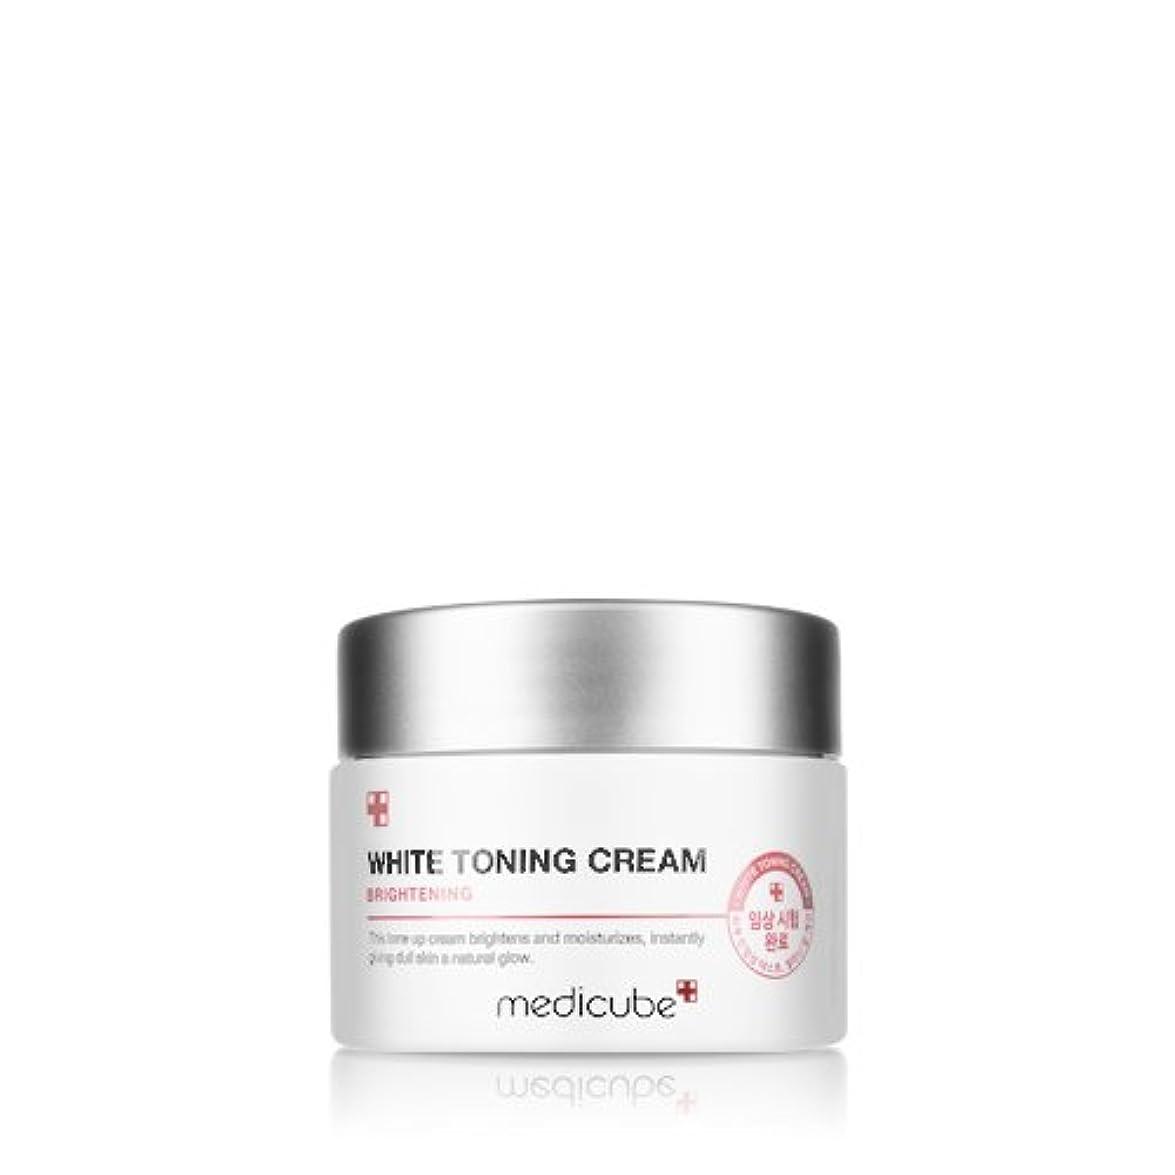 リングレガシー退屈させる[Medicube] WHITE TONING CREAM / メディキューブ ホワイトトーニングクリーム / 正品?海外直送商品